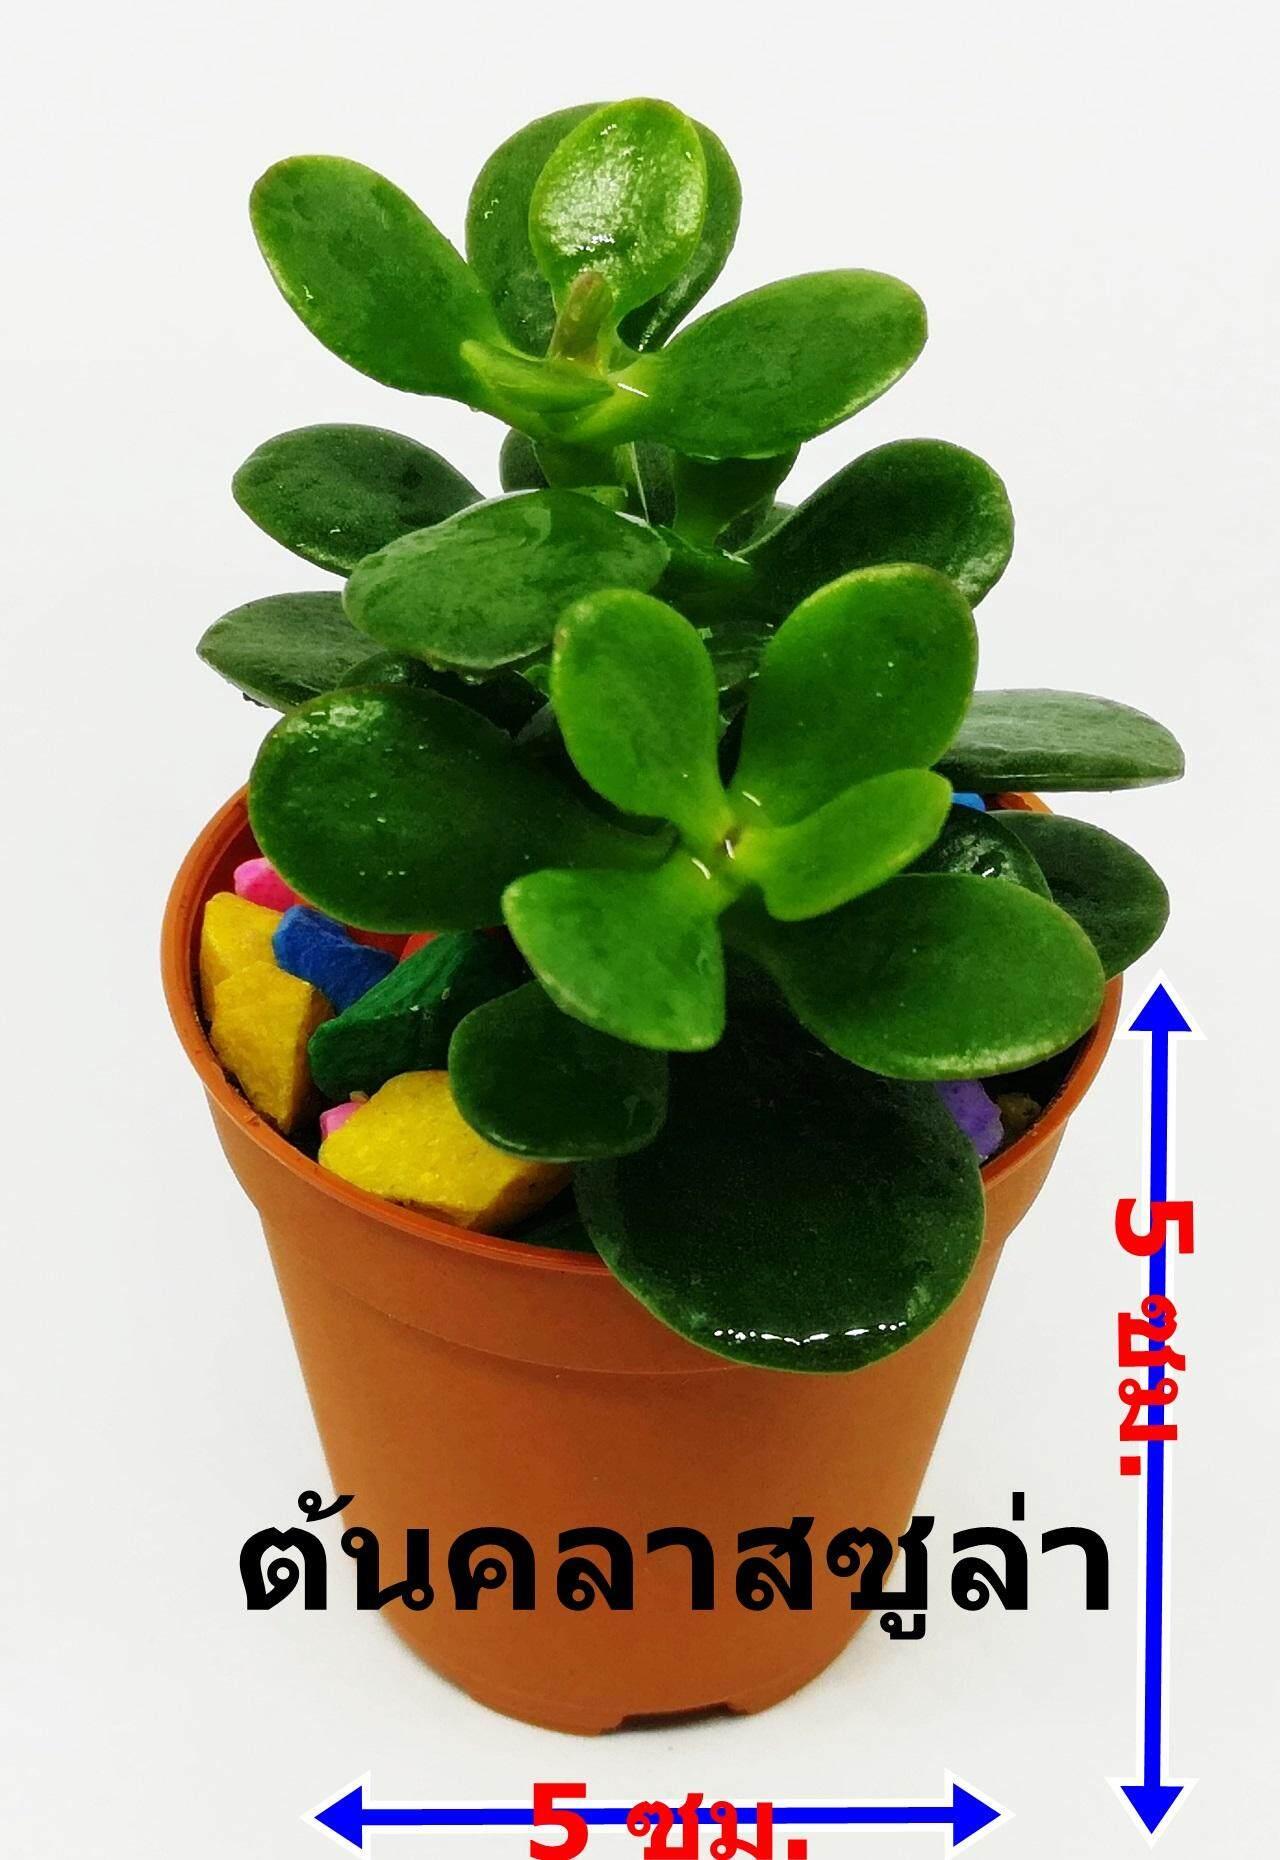 ราคา ต้นคลาสซูล่า ต้นไม้สวรรค์ ต้นใบเงิน Crassula Jade Plant ภาพถ่ายจากสินค้าจริง บอนไซ Money Plant ต้นมันนี่ ต้นไม้จิ๋ว ต้นไม้มงคล เรียกทรัพย์ เสริมดวง Mongkol Life ออนไลน์